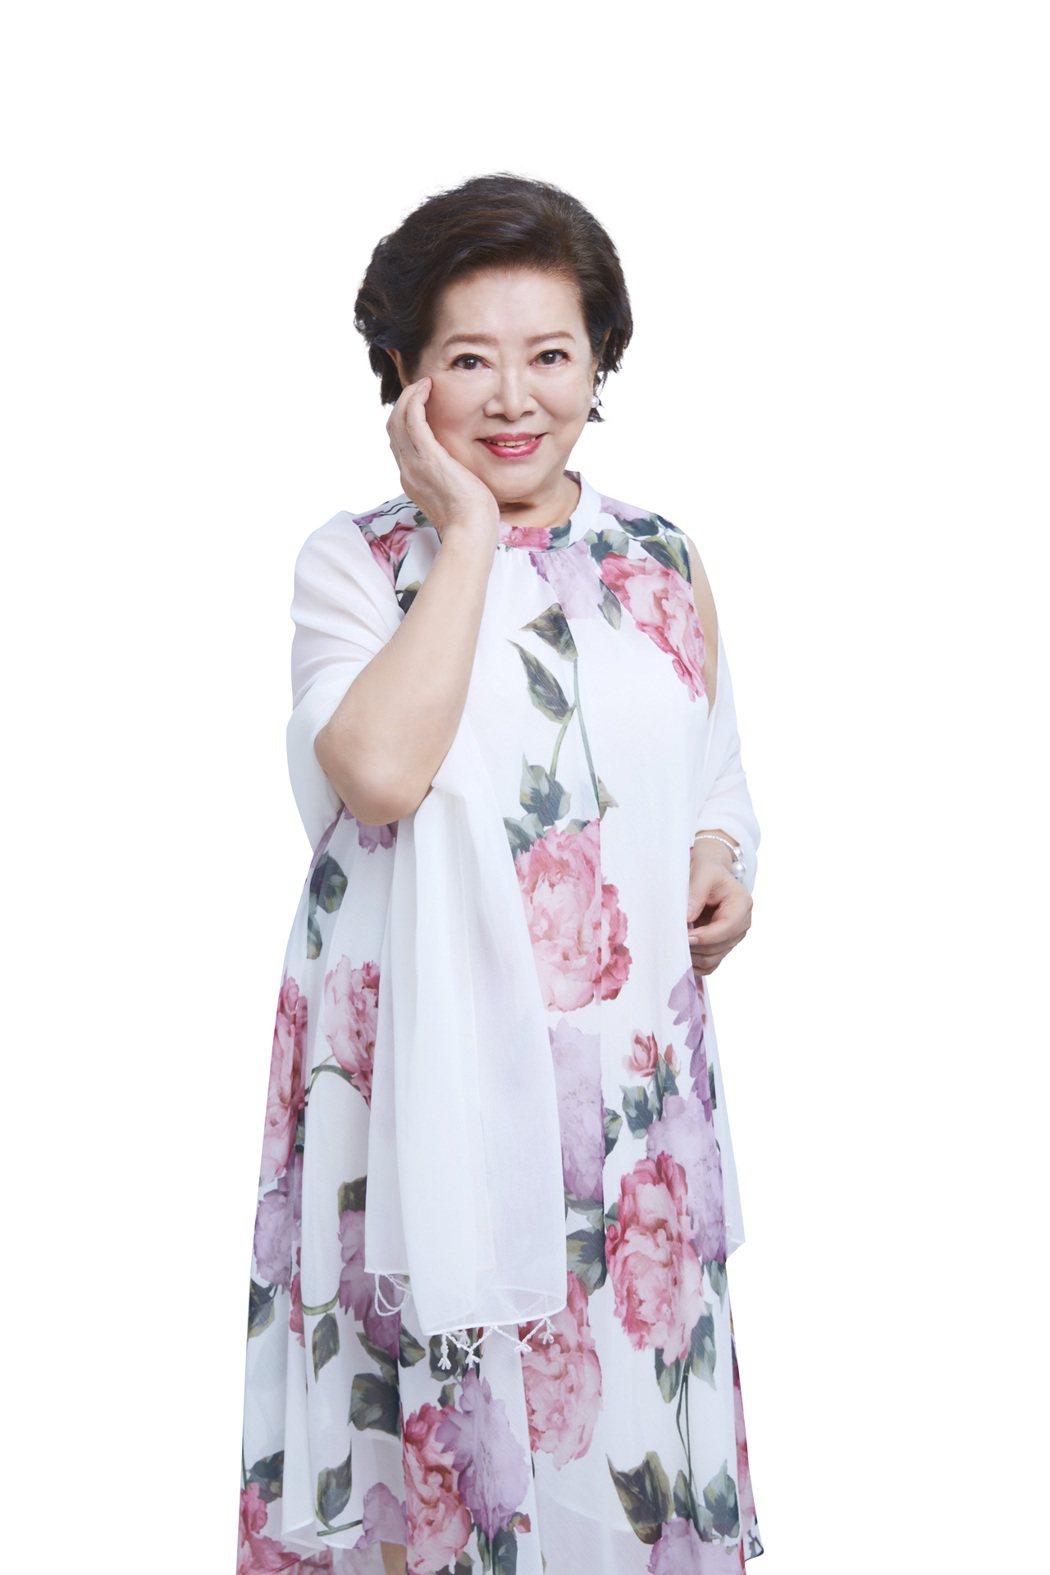 陳淑芳雖然已經83歲,依舊駐顏有術。圖/NMN提供